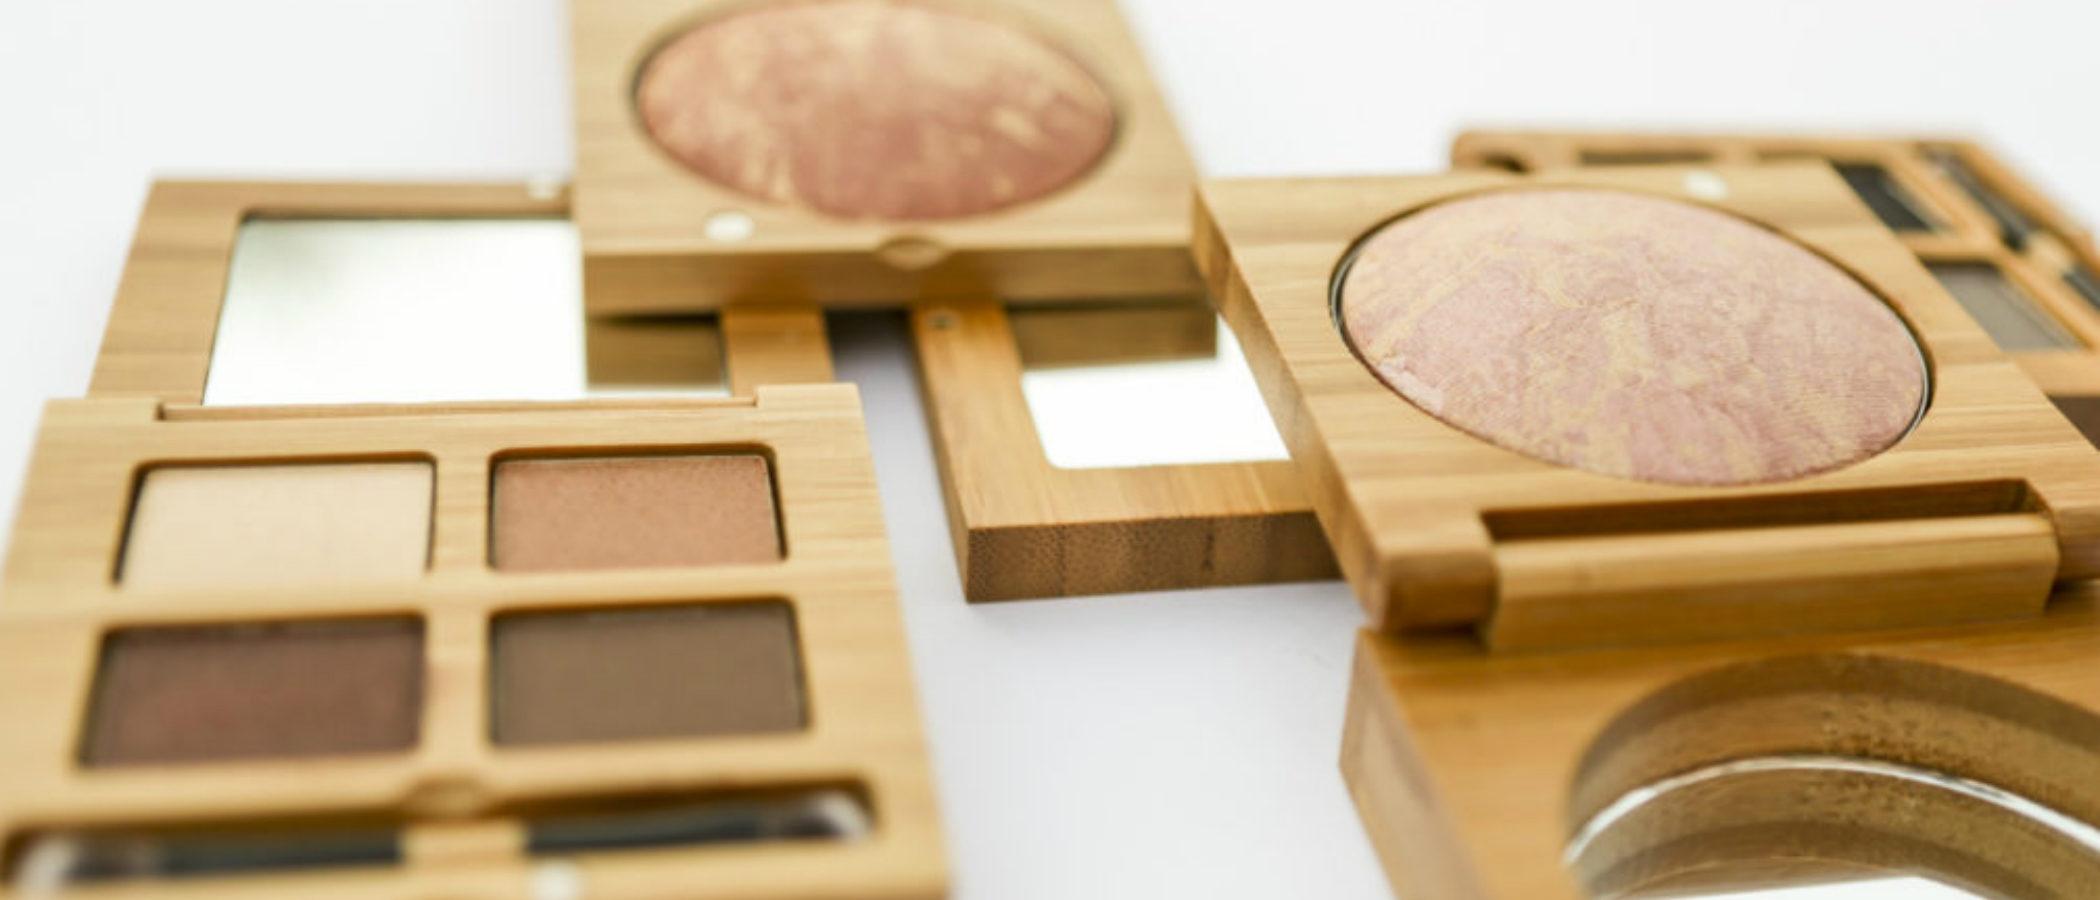 Llega a Sephora 'Antonym Cosmetics', una línea de maquillaje eco-friendly